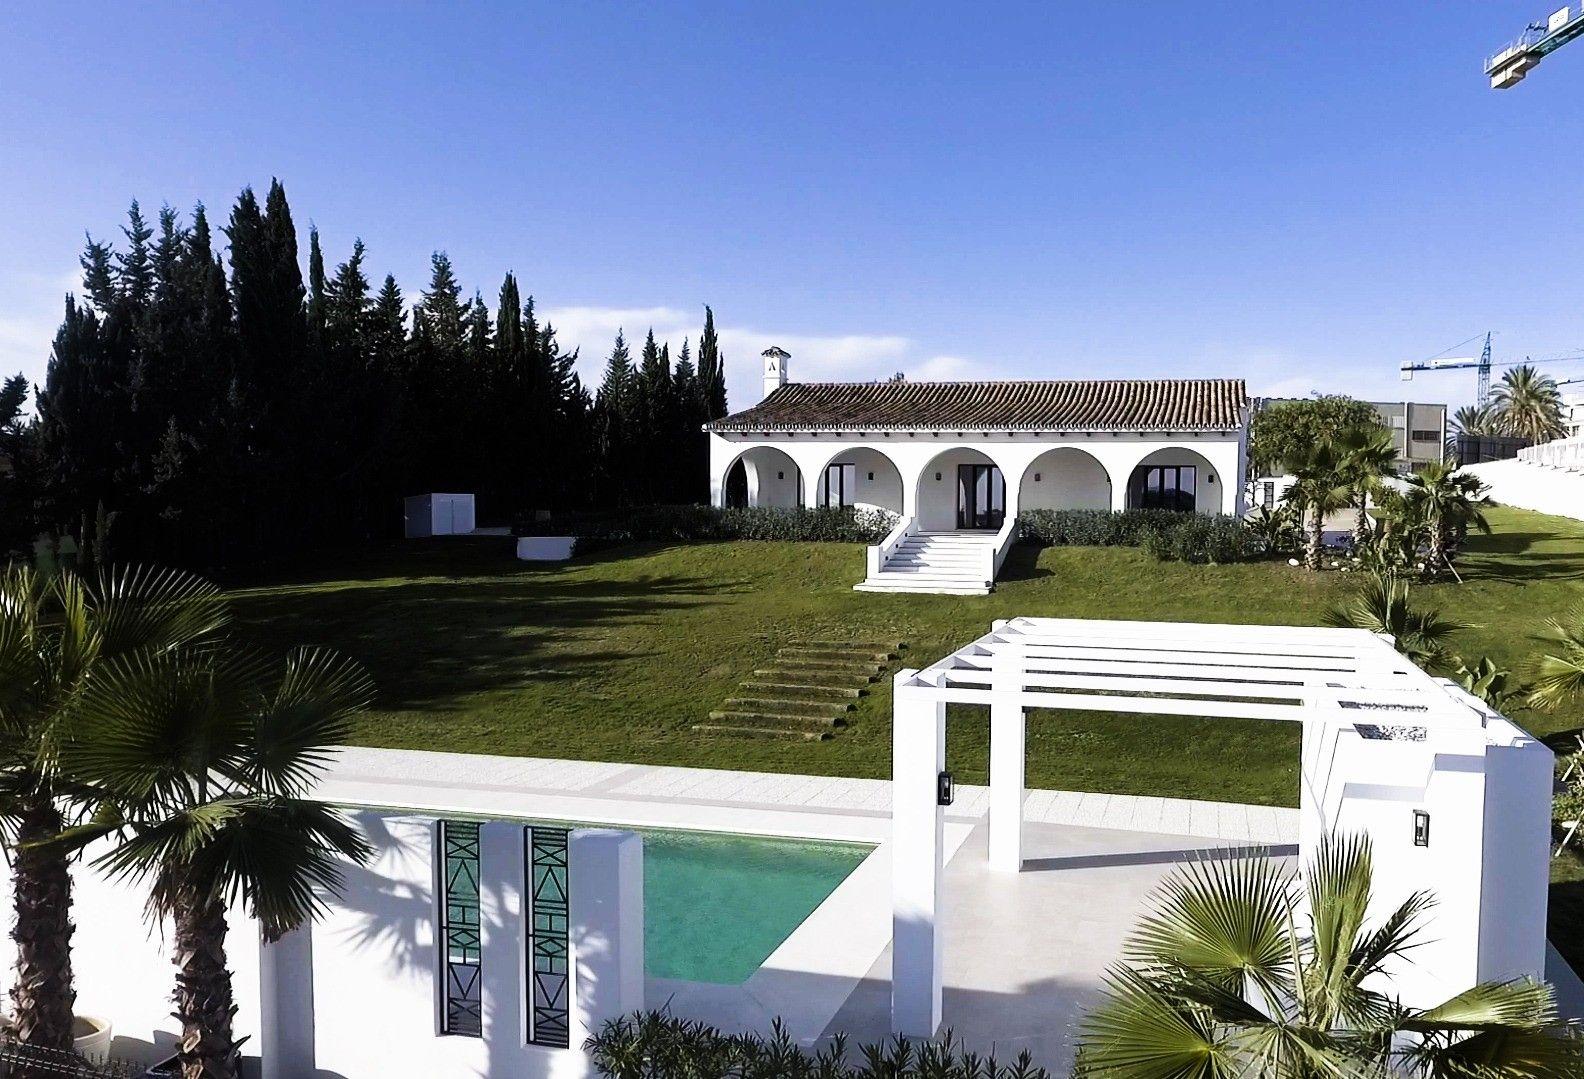 Casa / Chalet en Estepona, Cancelada, venta